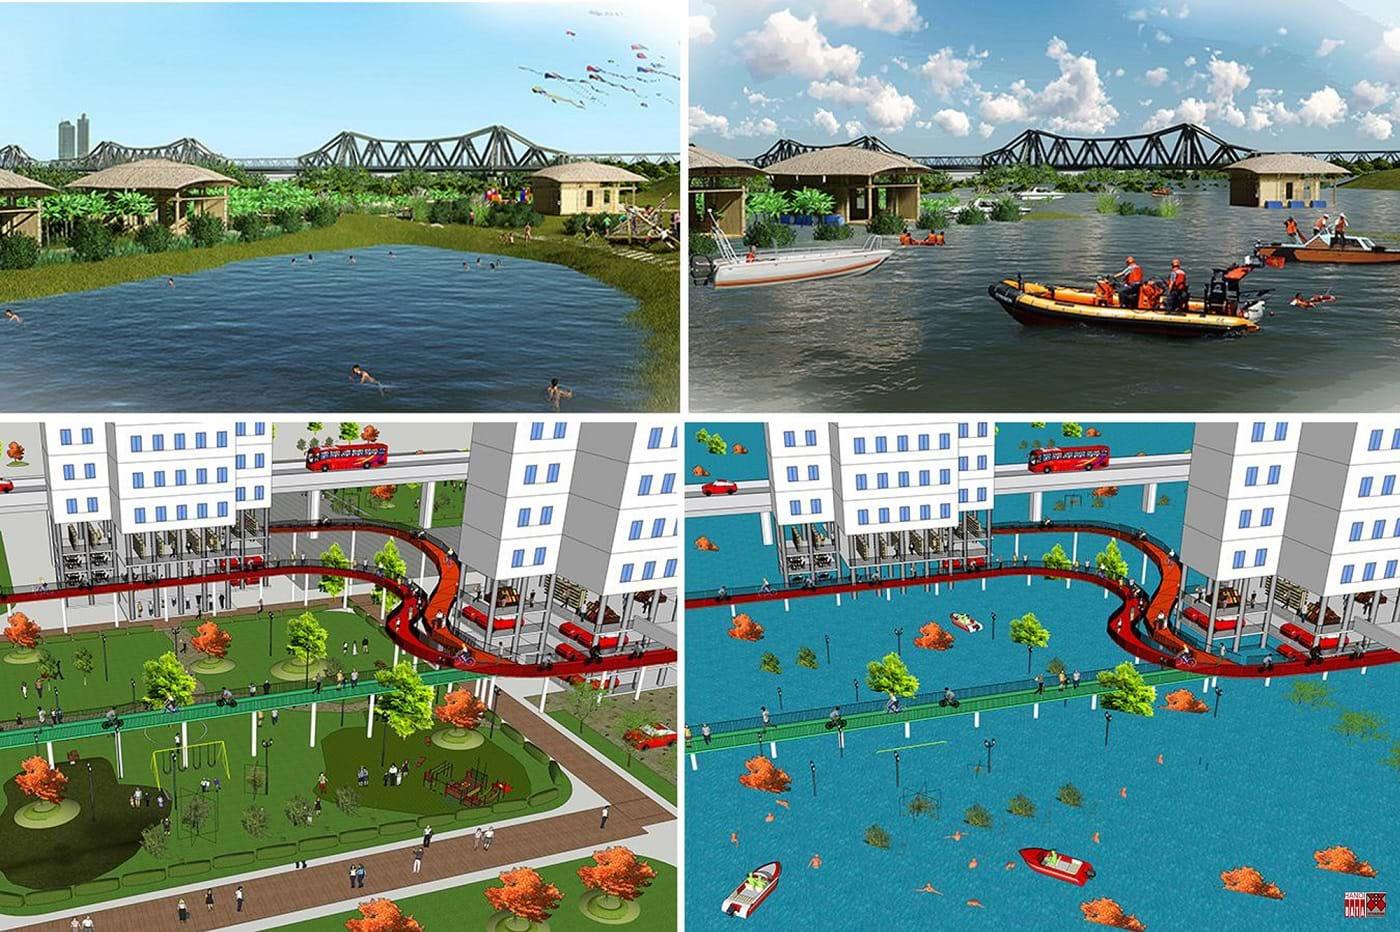 Bờ bãi sông Hồng làm Công viên Hài hòa mùa khô, thao trường tập luyện mùa lũ. Tòa nhà   Thân thiện, an toàn trong hai mùa lũ cạn. Nguồn: City solution